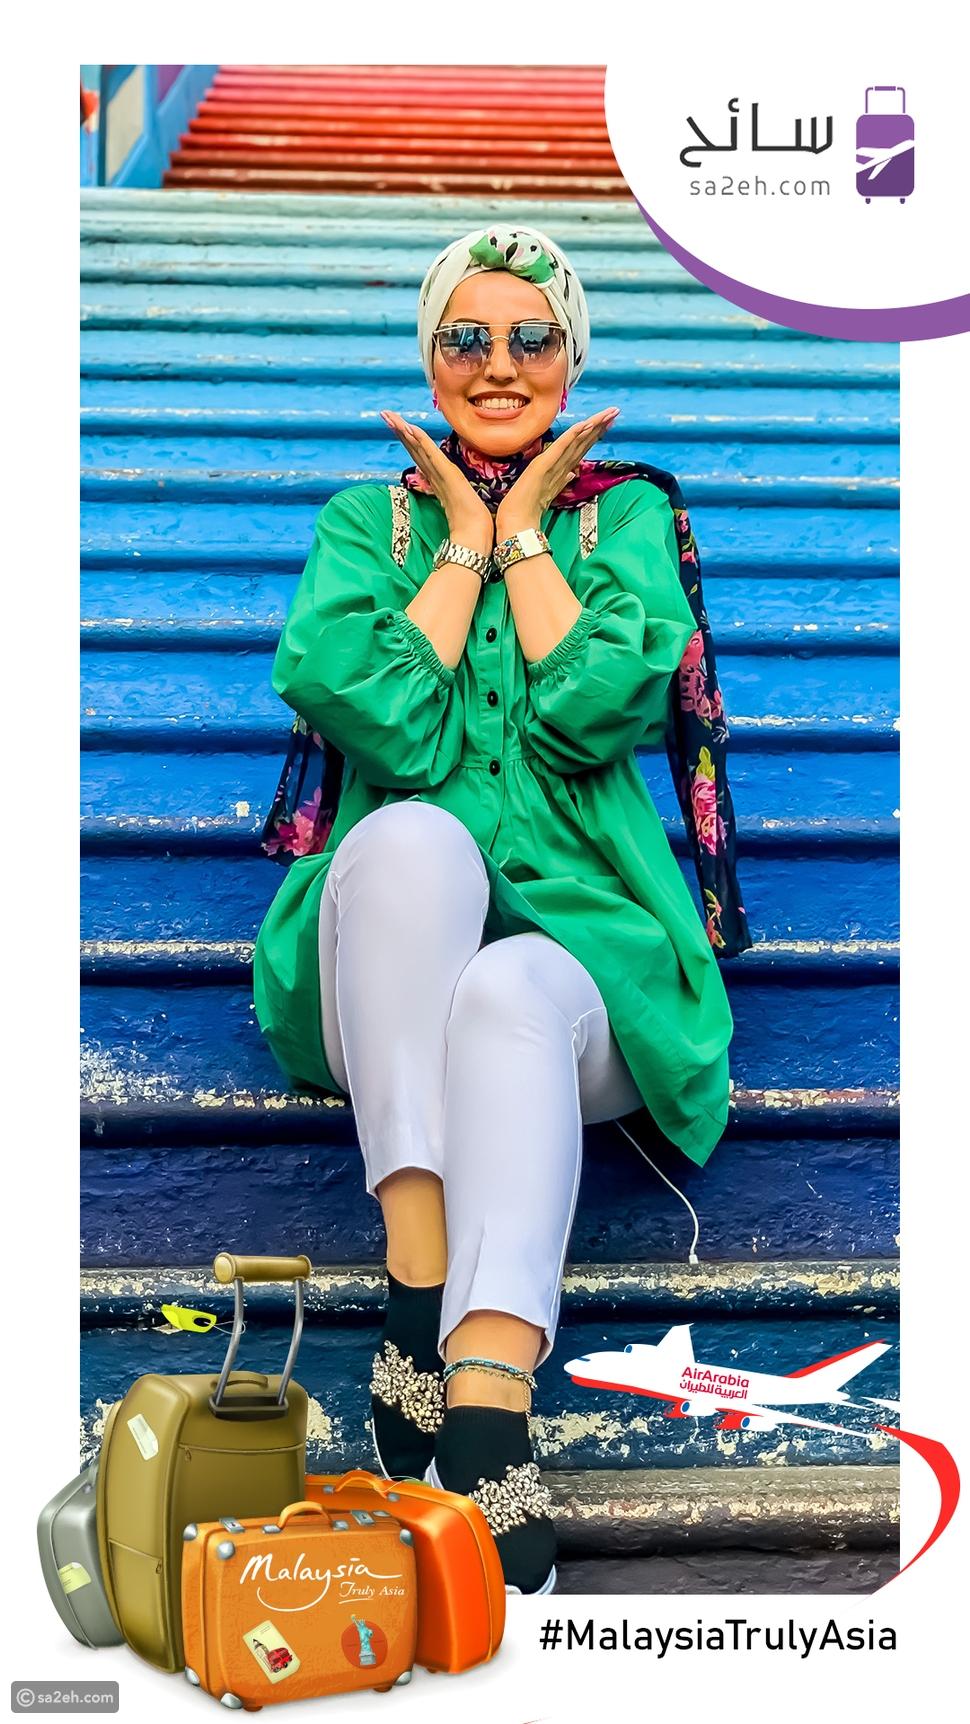 أفضل الوجهات في كوالالمبور الماليزية  وهذا ما قاله مدونو السفر عنها